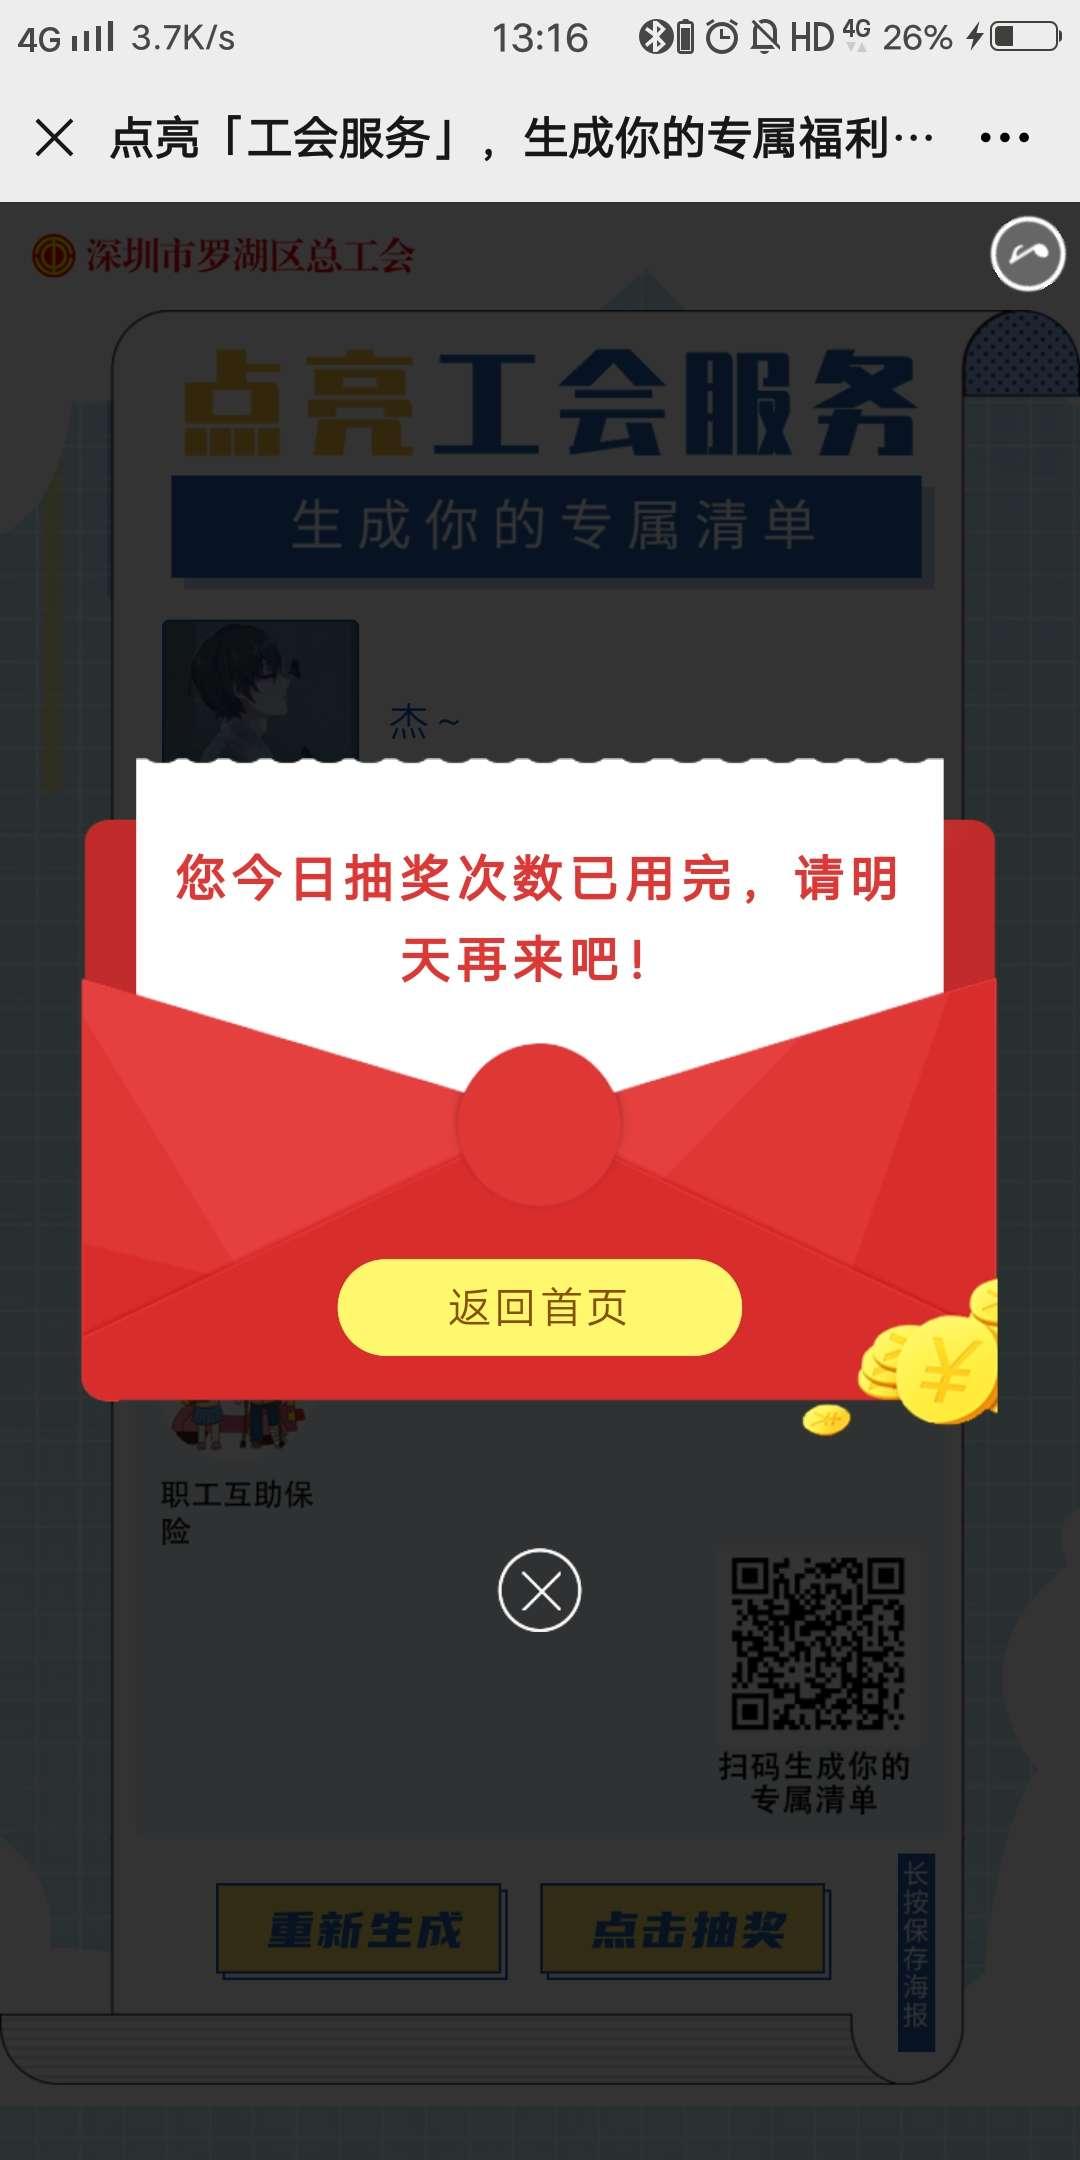 【现金红包】罗湖工会 点亮 生成图片 抽红包-聚合资源网